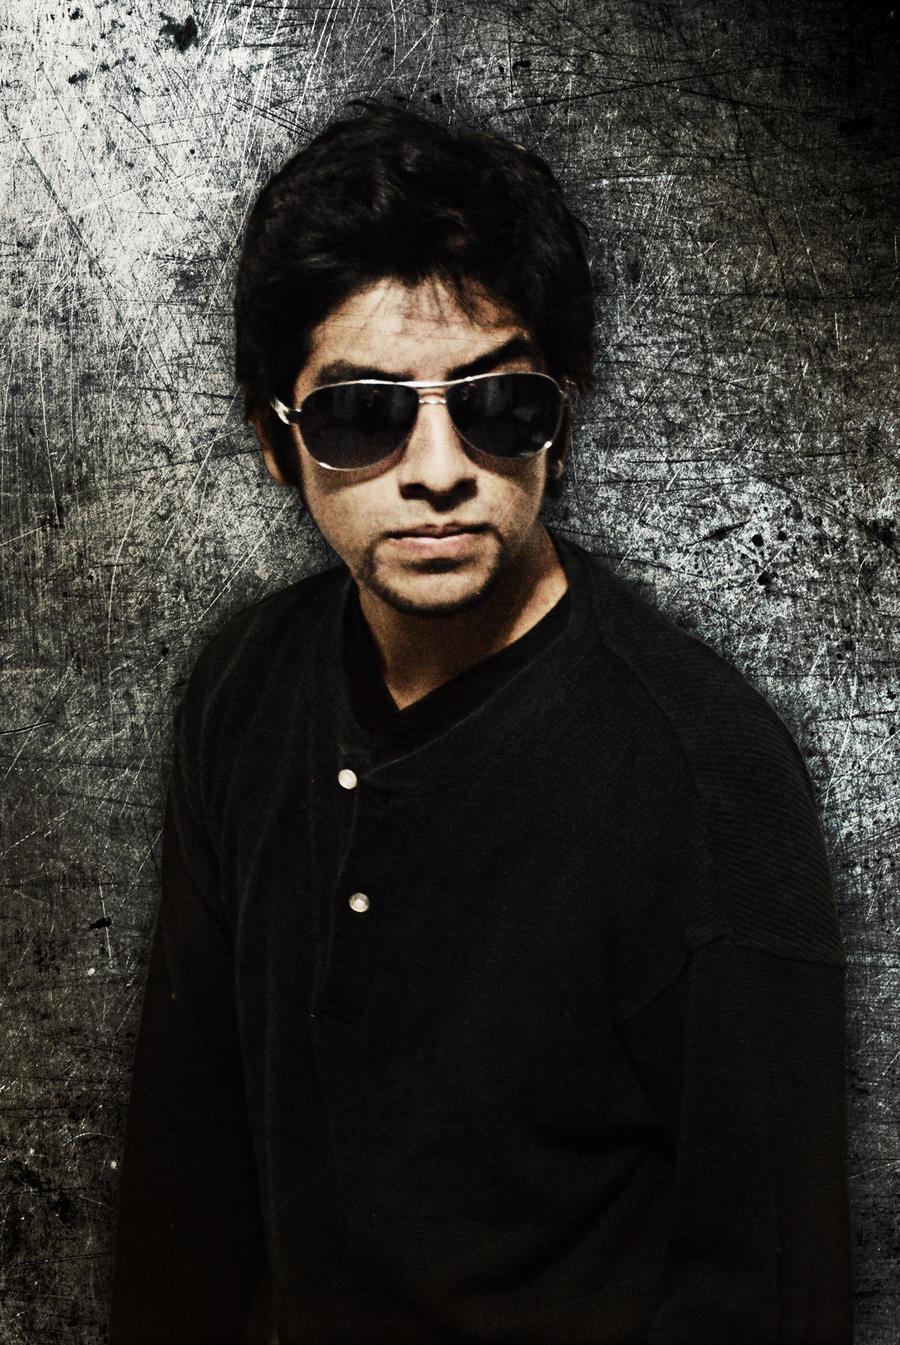 darkm4rk's Profile Picture